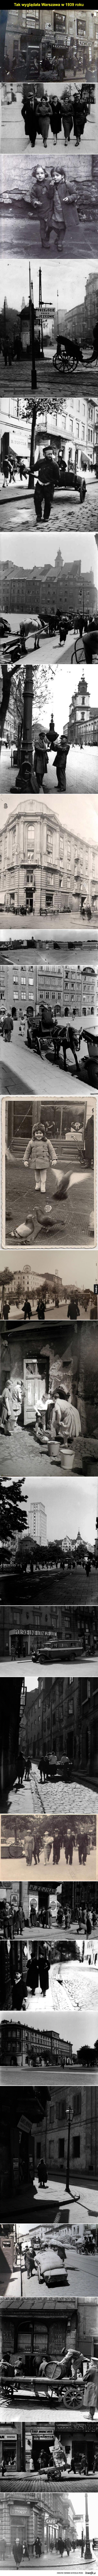 Warszawa i jej mieszkańcy w przededniu II Wojny Światowej